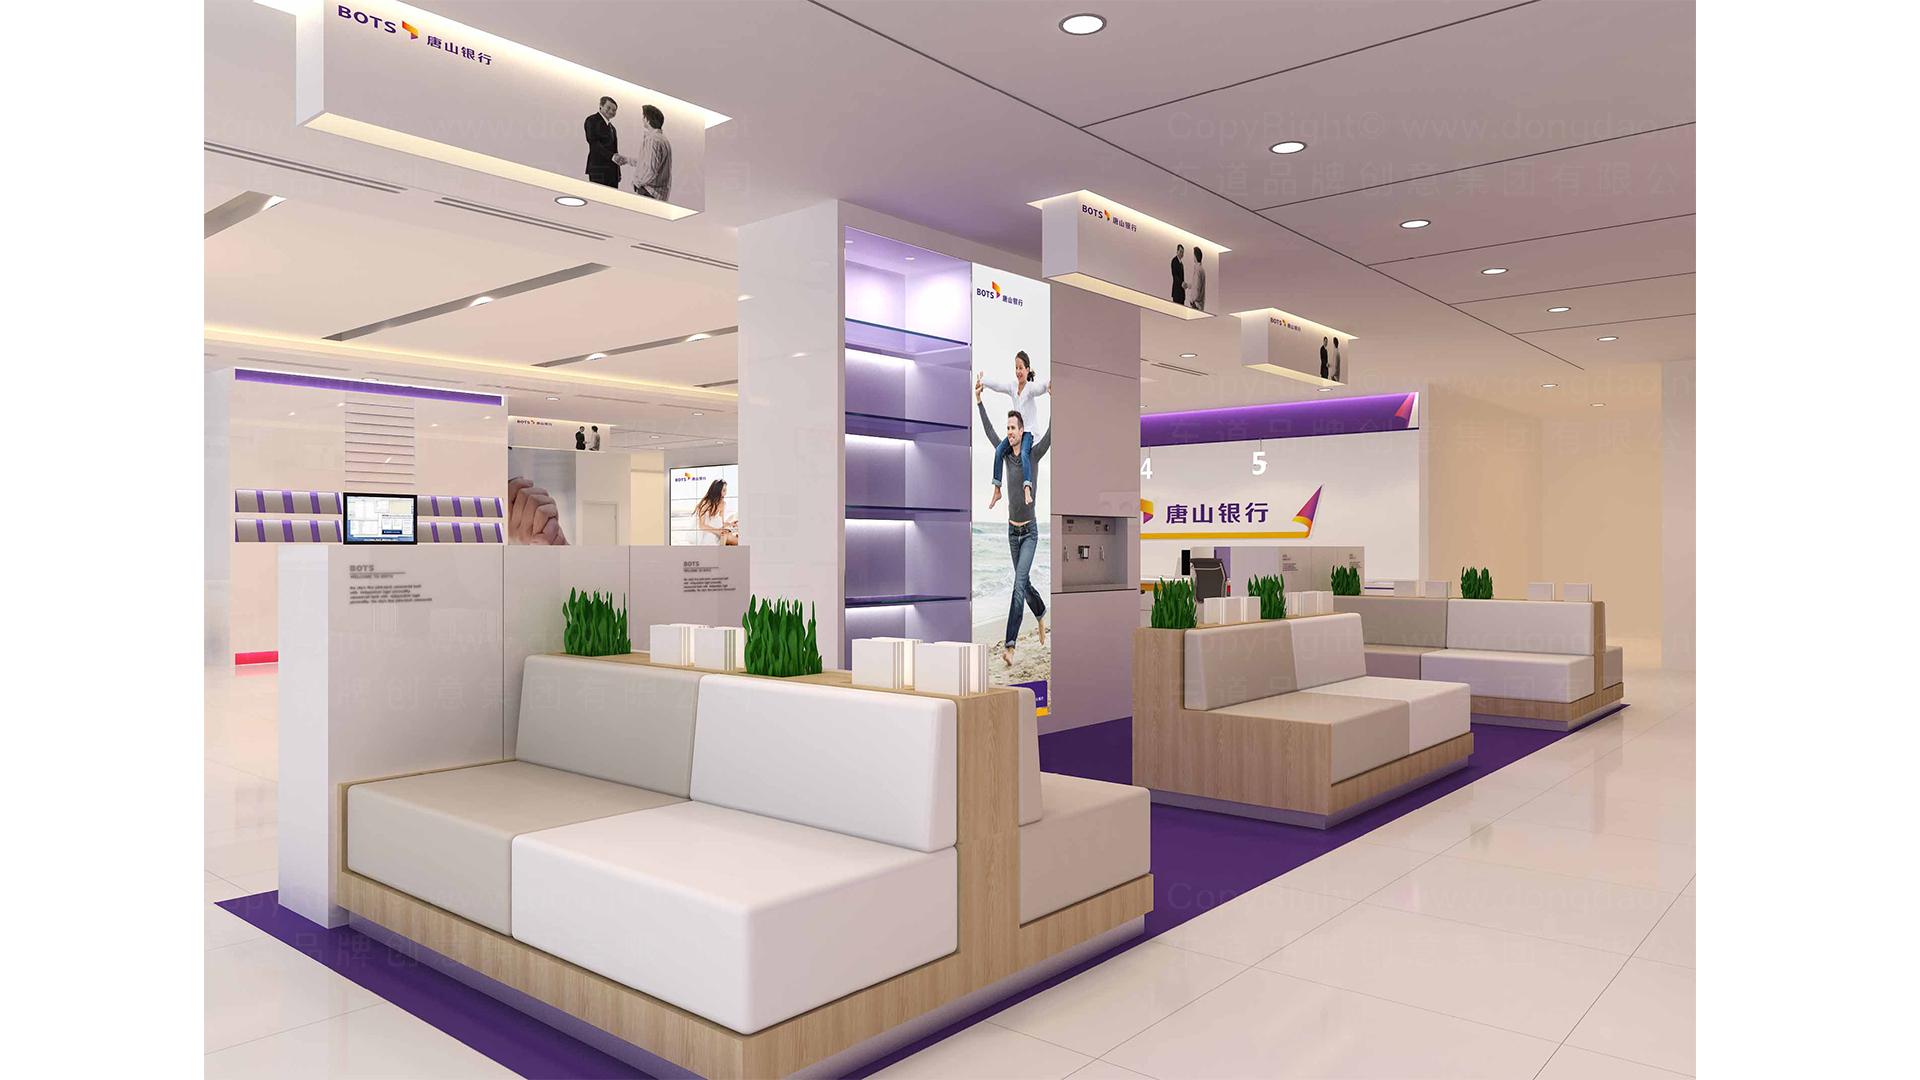 商业空间&导示唐山银行SI设计应用场景_1